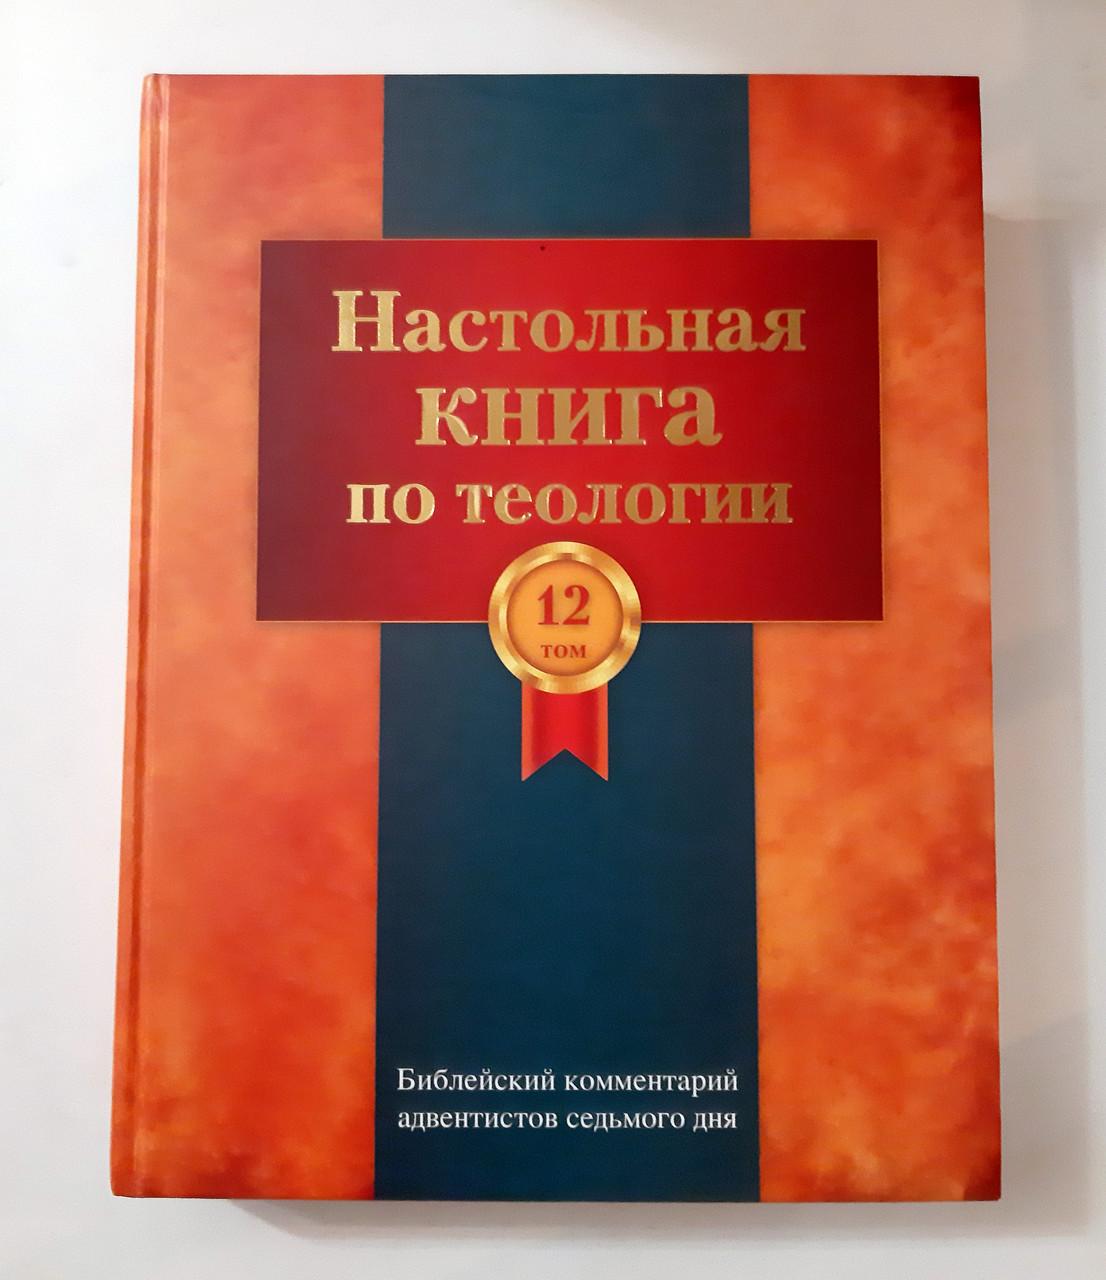 Настольная книга по теологии. Библейский комментарий АСД. Том 12